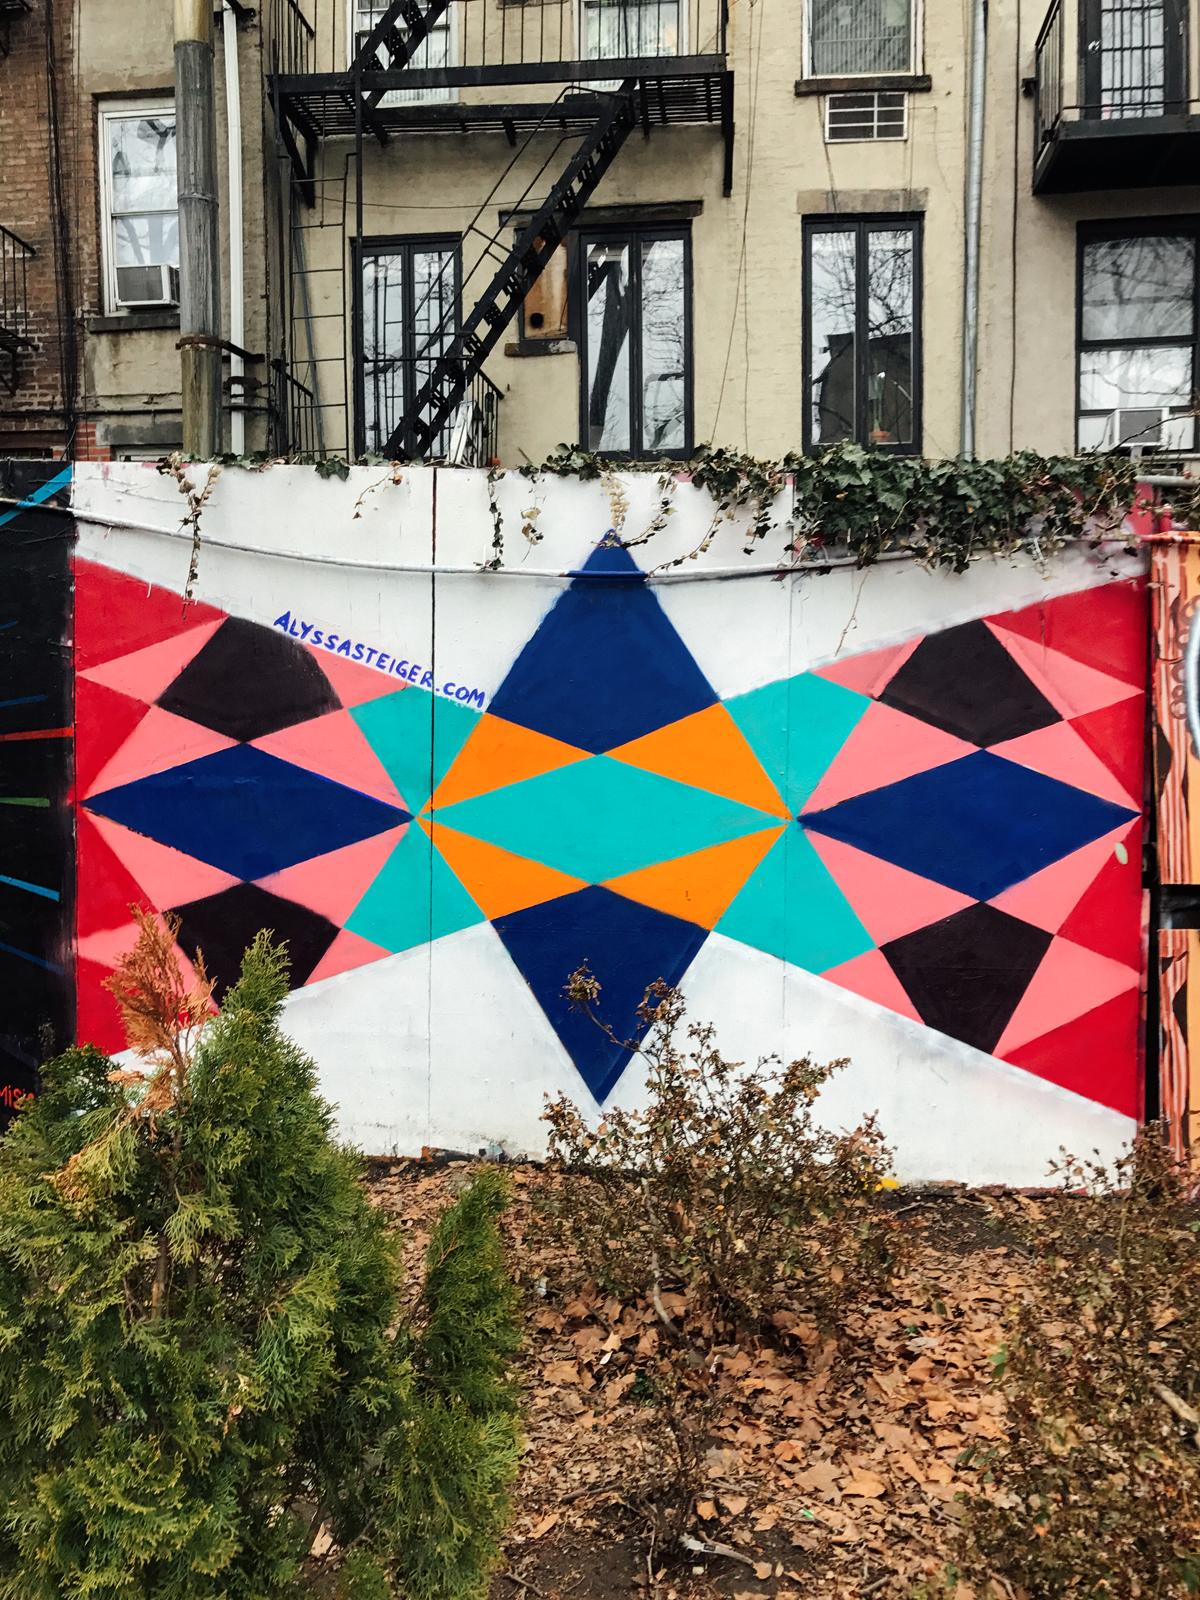 Alyssa Steiger     |   First Street Green Art Park